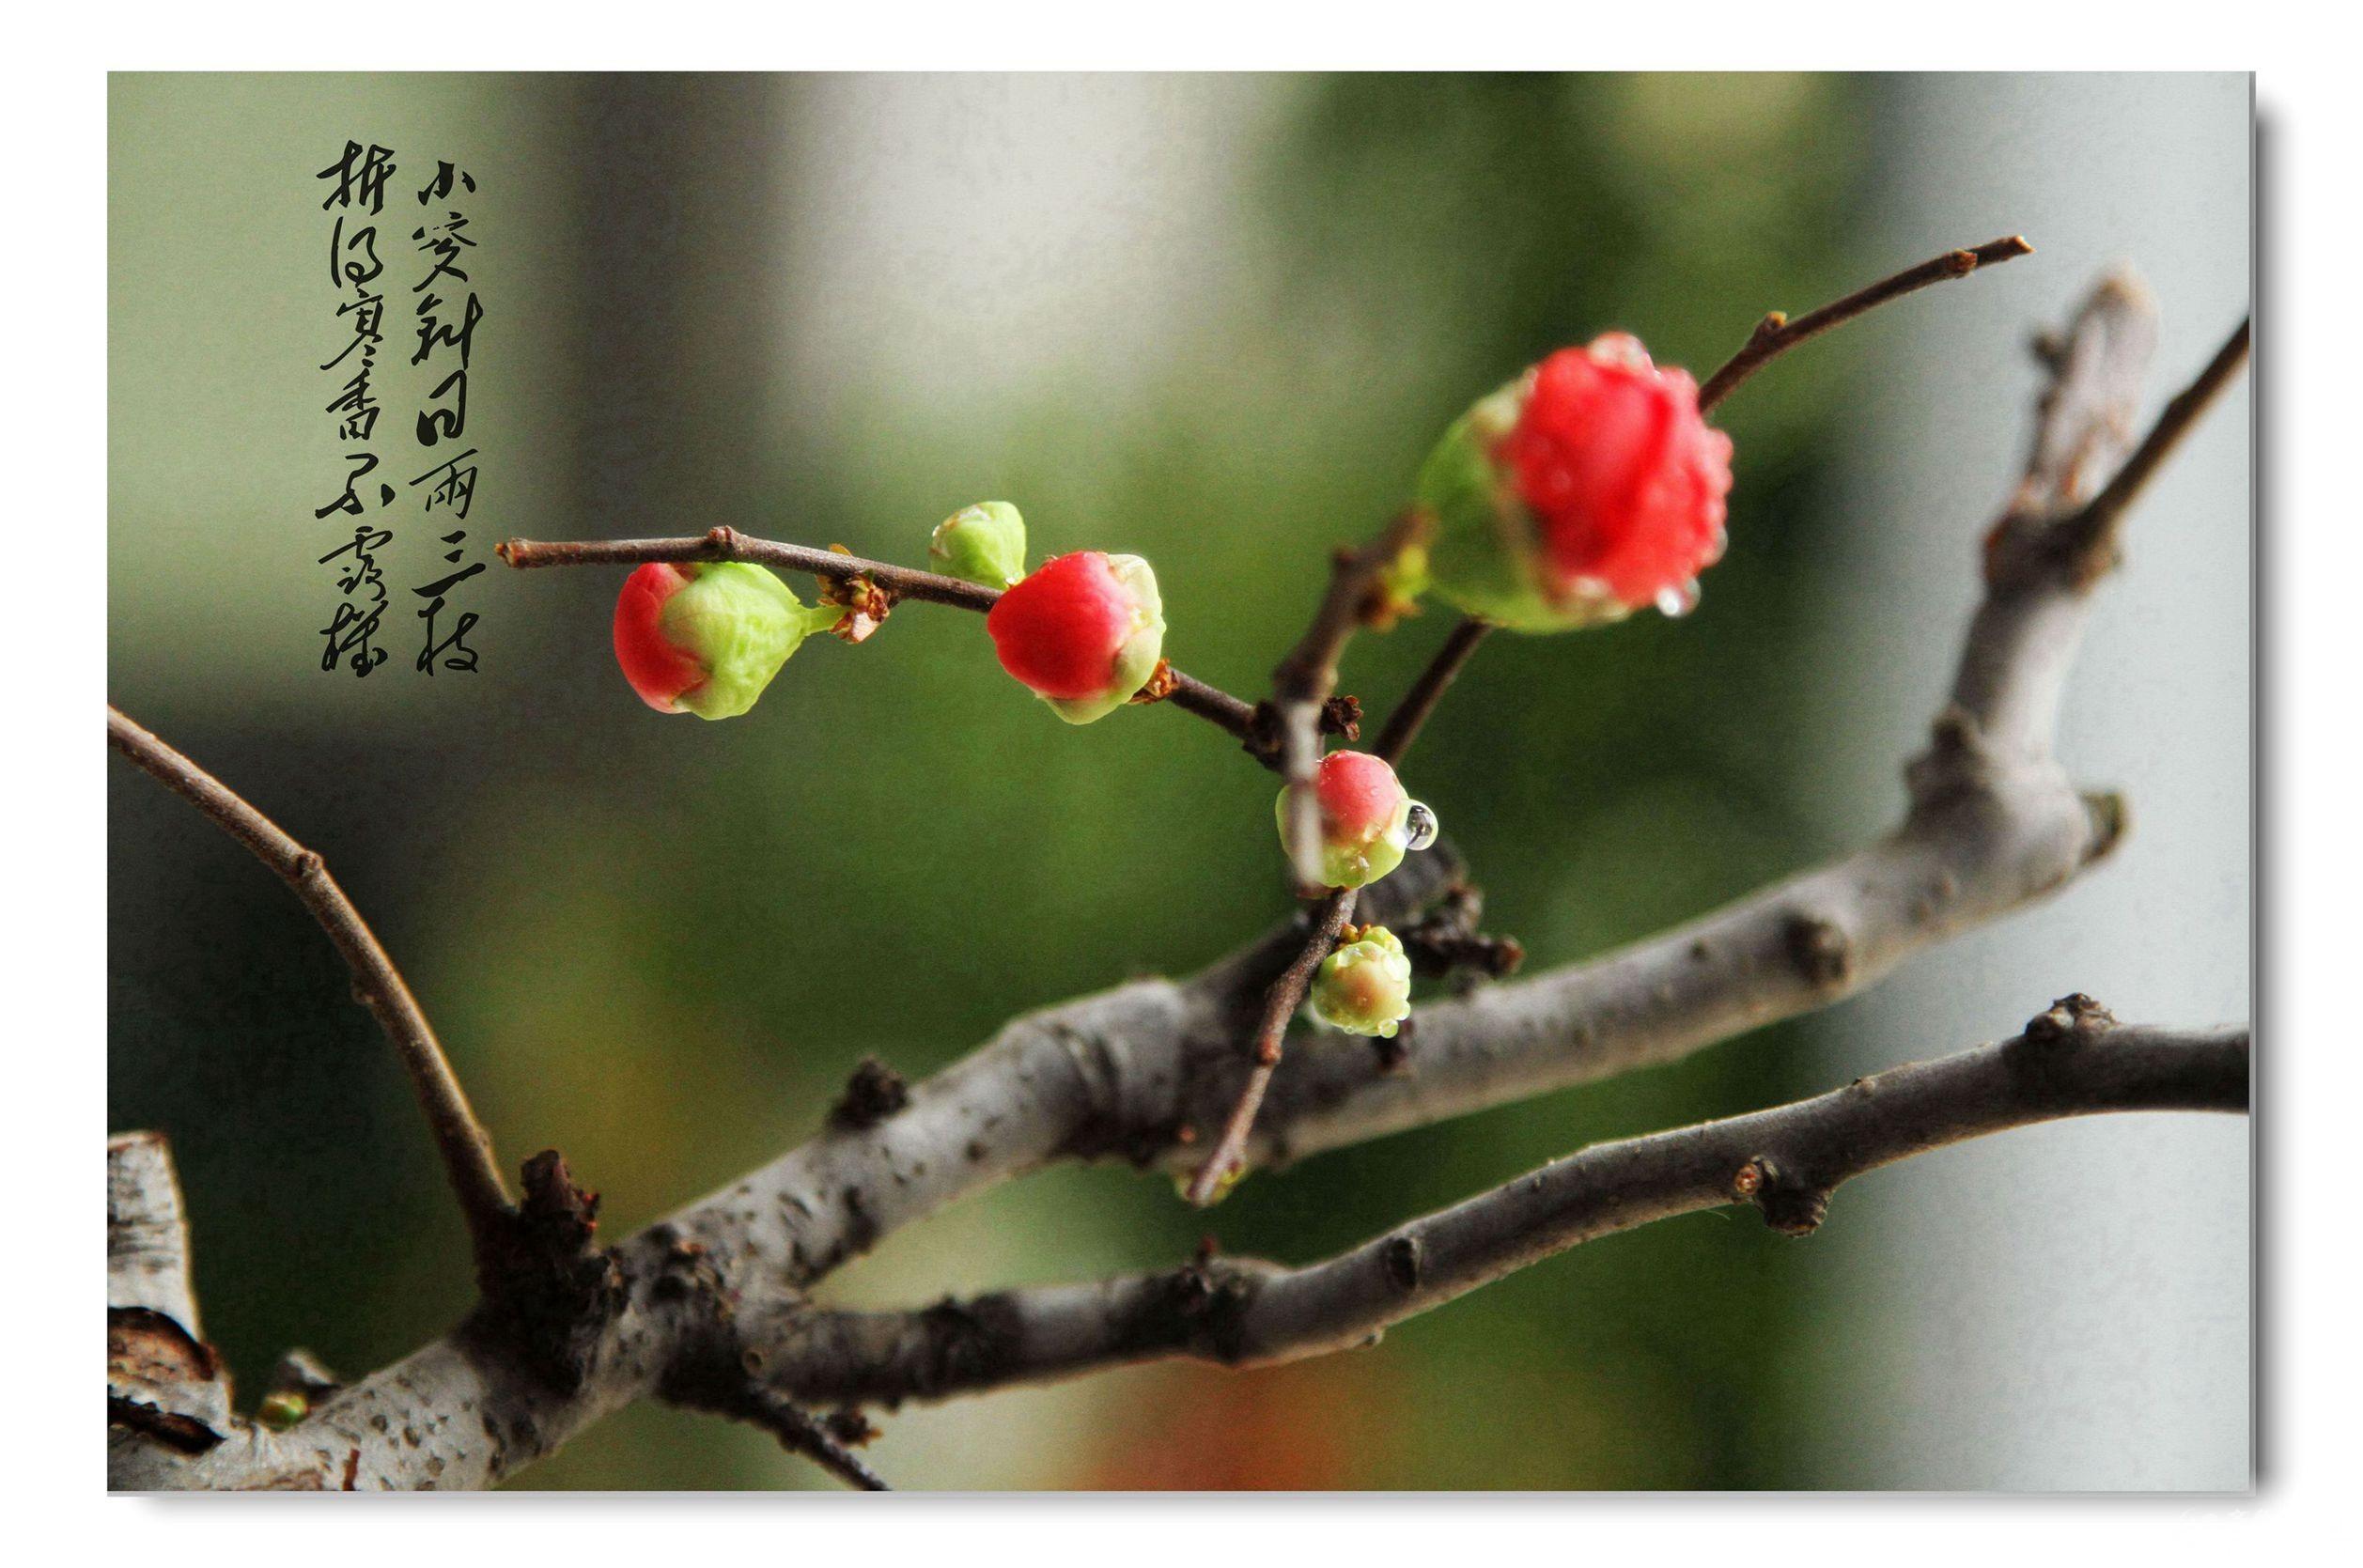 最美玫瑰花一枝 壁纸展示图片